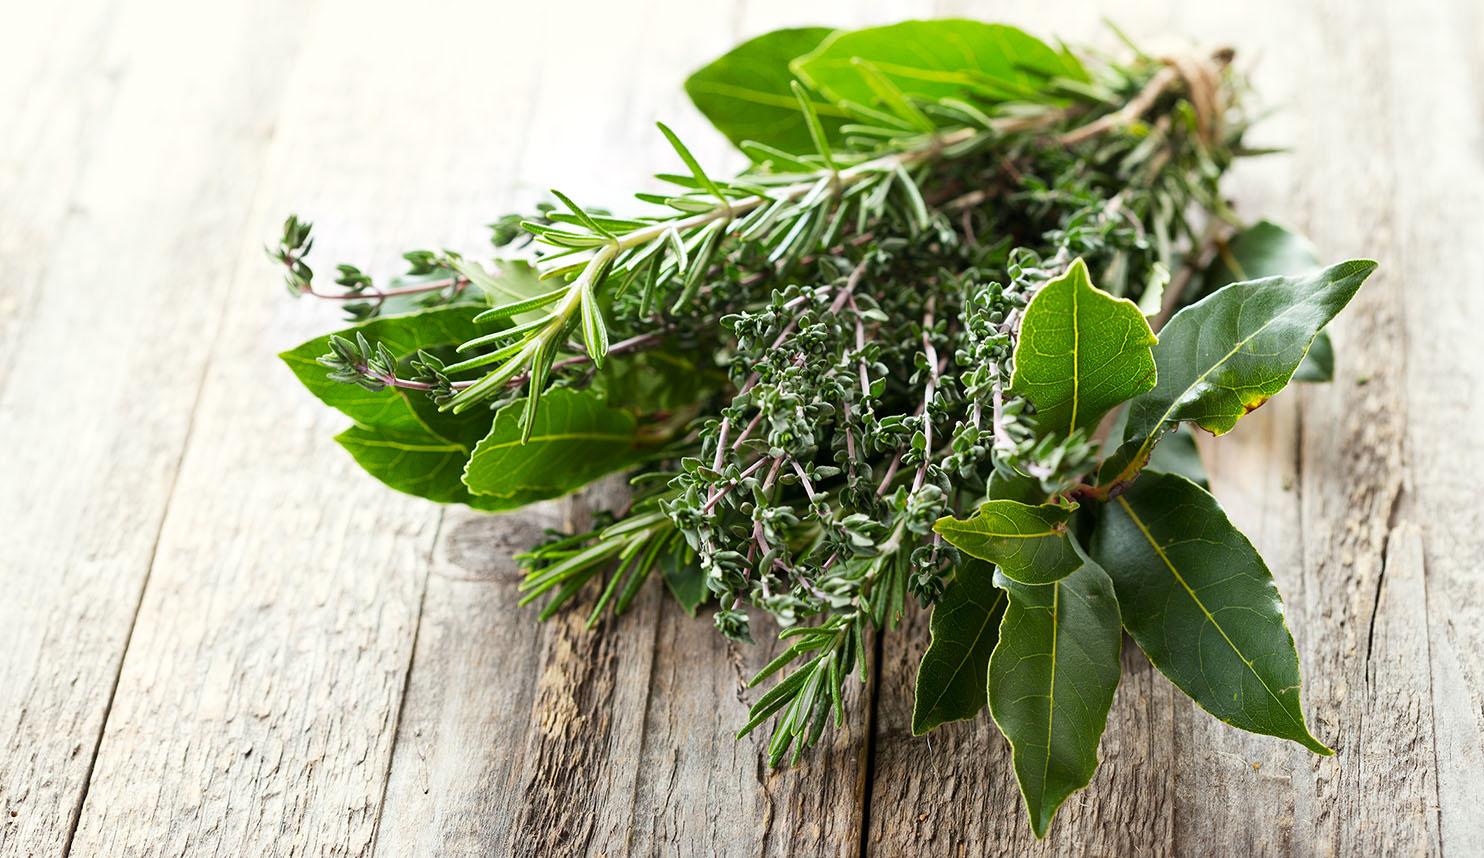 Dall 39 orto alla tavola le erbe aromatiche agribrianza - Erbe aromatiche in casa ...